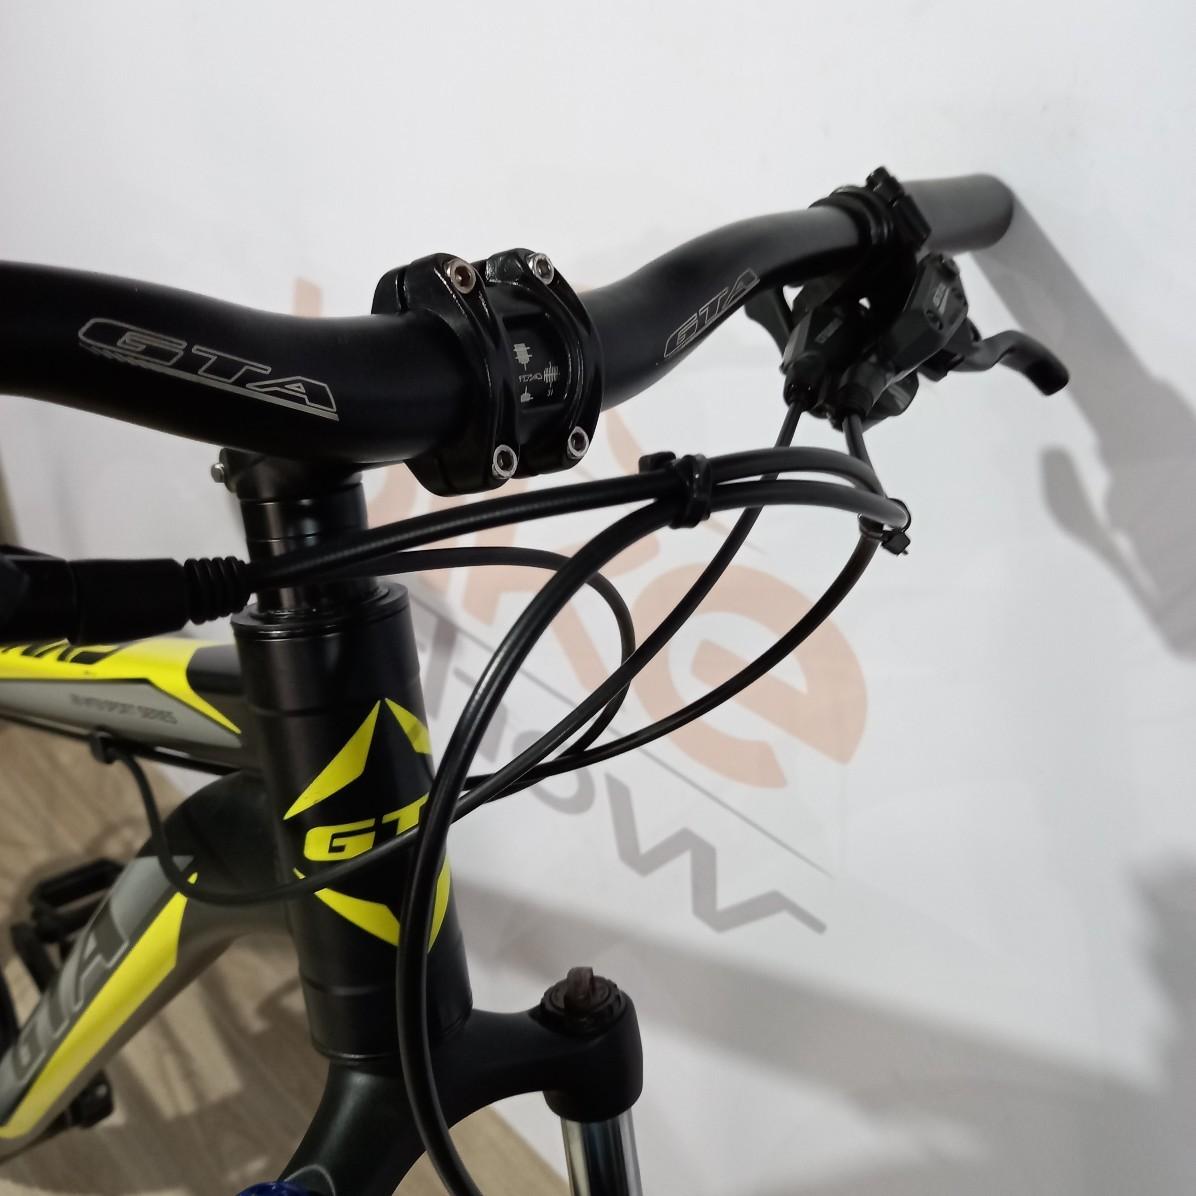 Bicicleta GTA NX9 aro 29 - 18V LTWOO - Freio Hidráulico - Suspensão GTA em alumínio